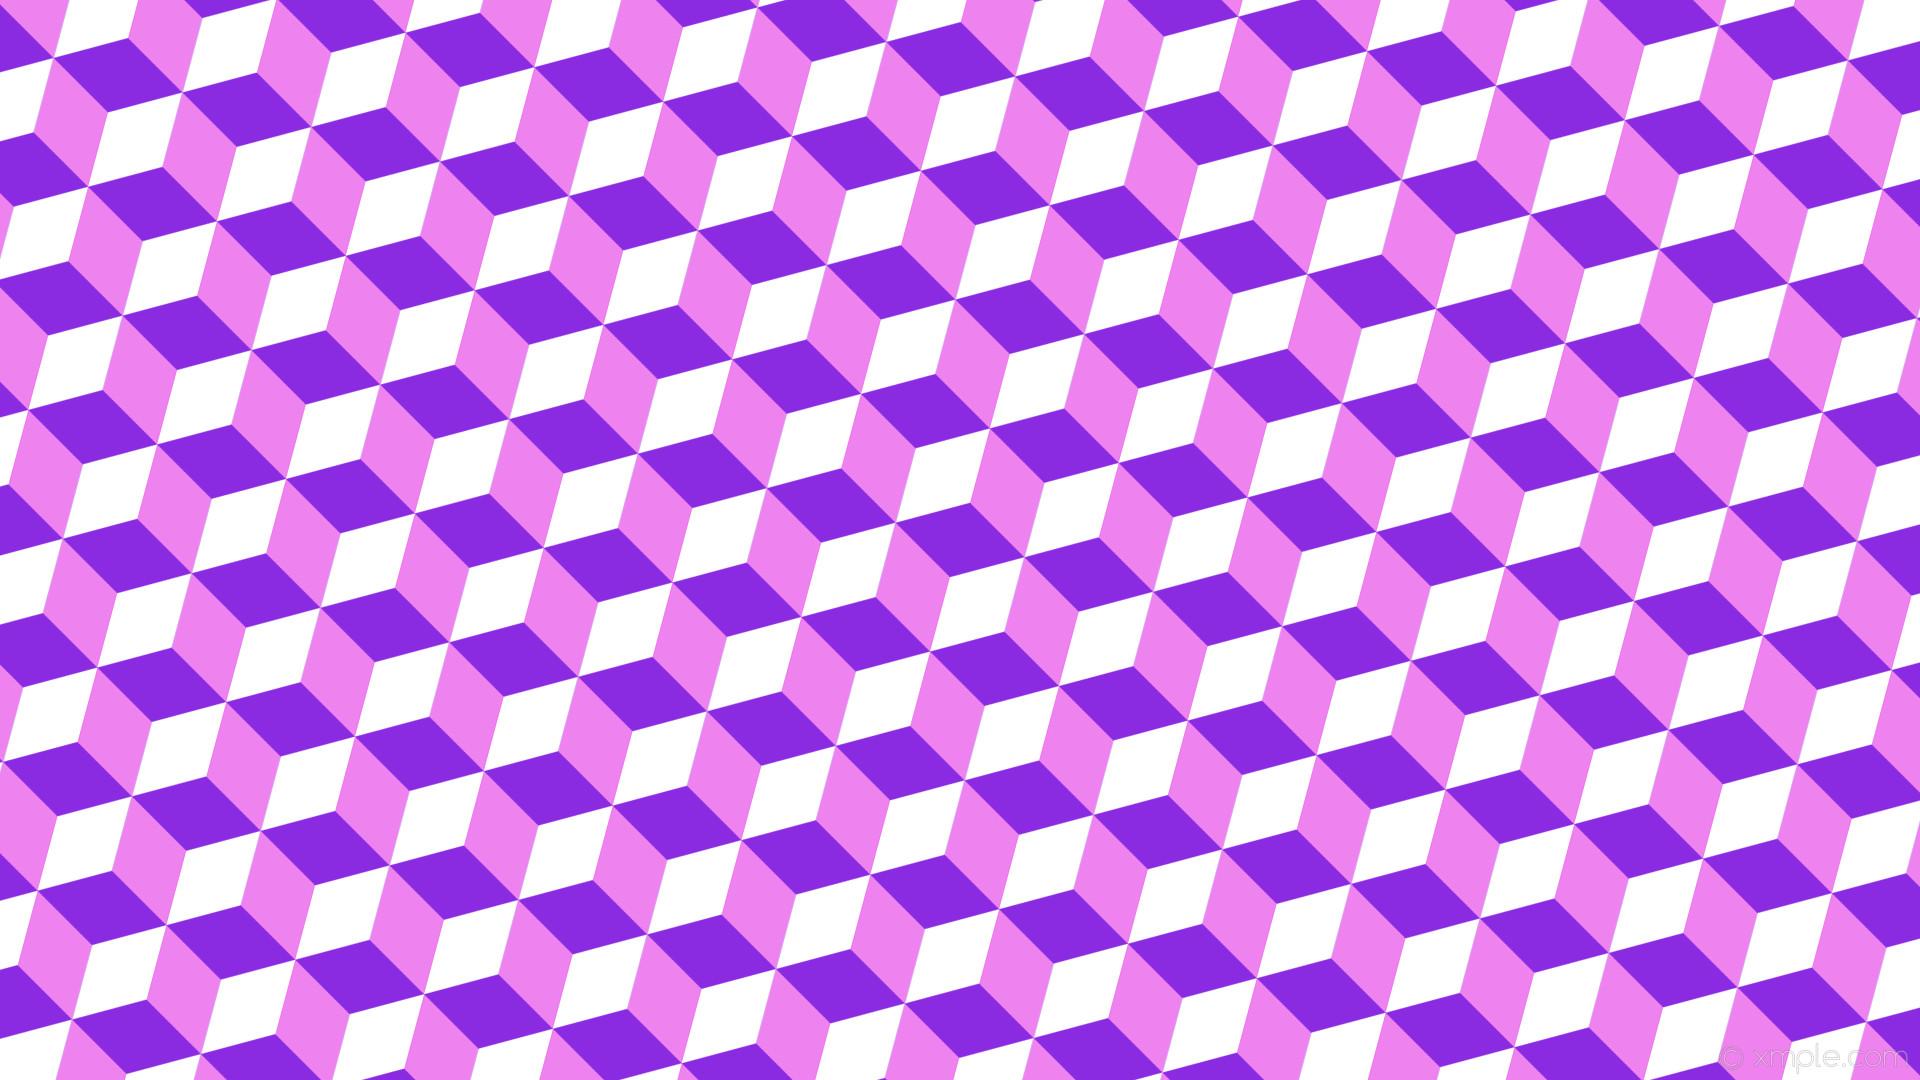 wallpaper purple white 3d cubes blue violet violet #8a2be2 #ee82ee #ffffff  165°